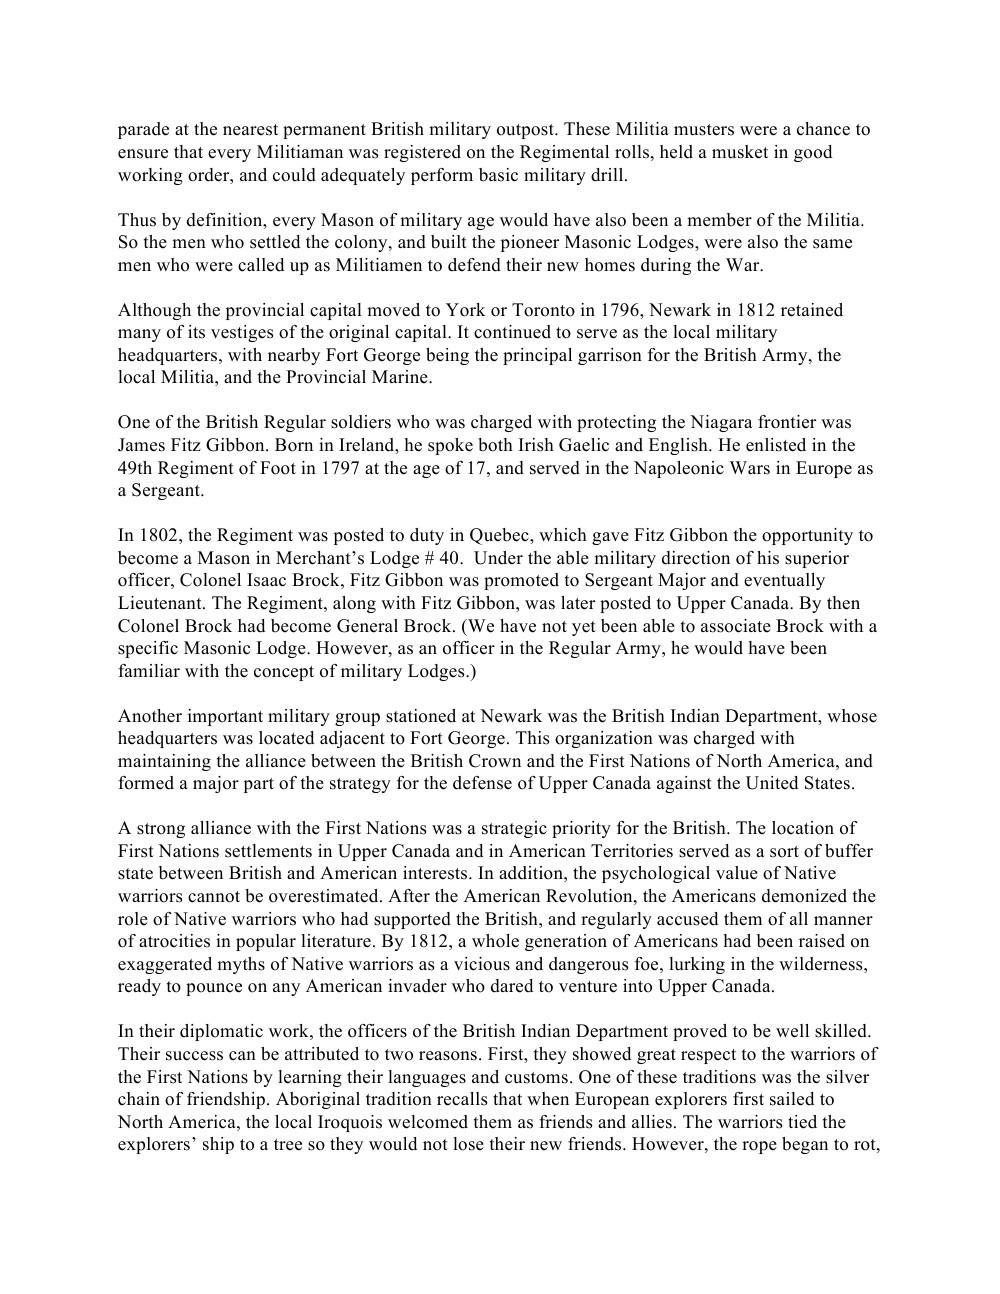 Freemasonry in Upper Canada in the War of 1812, speech by Daniel J. Glenney